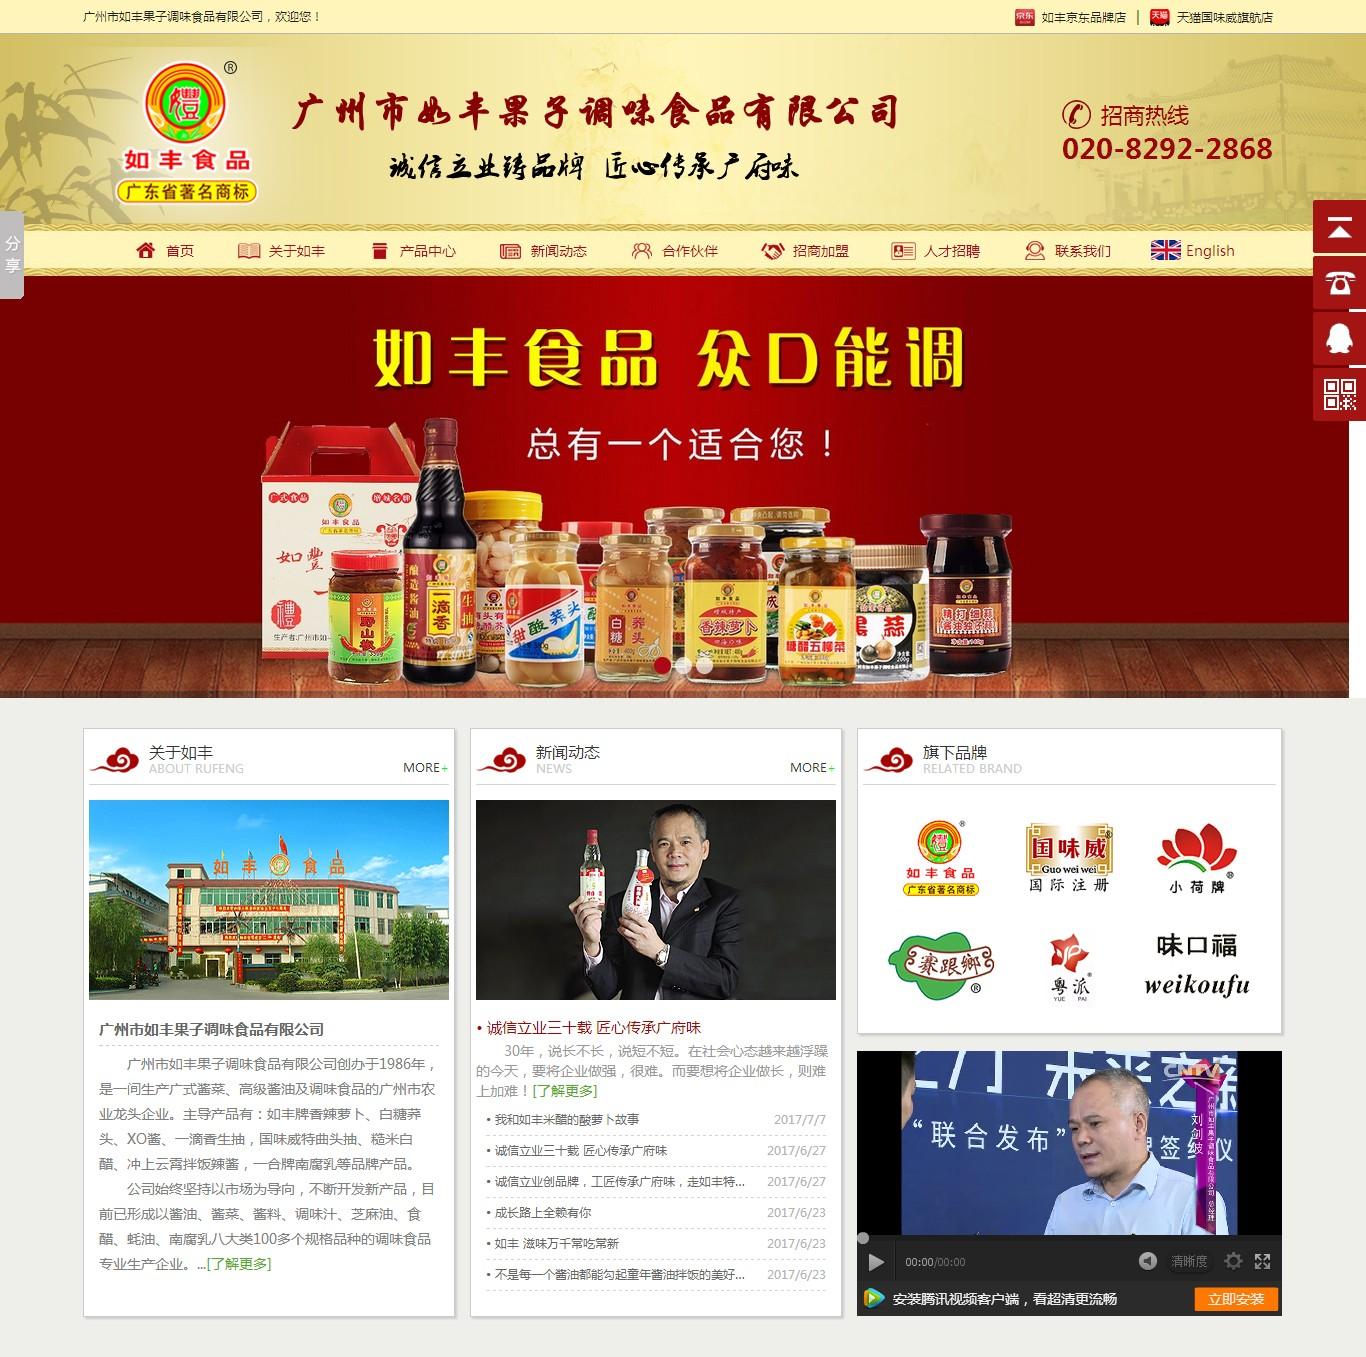 廣州市如豐果子調味食品有限公司